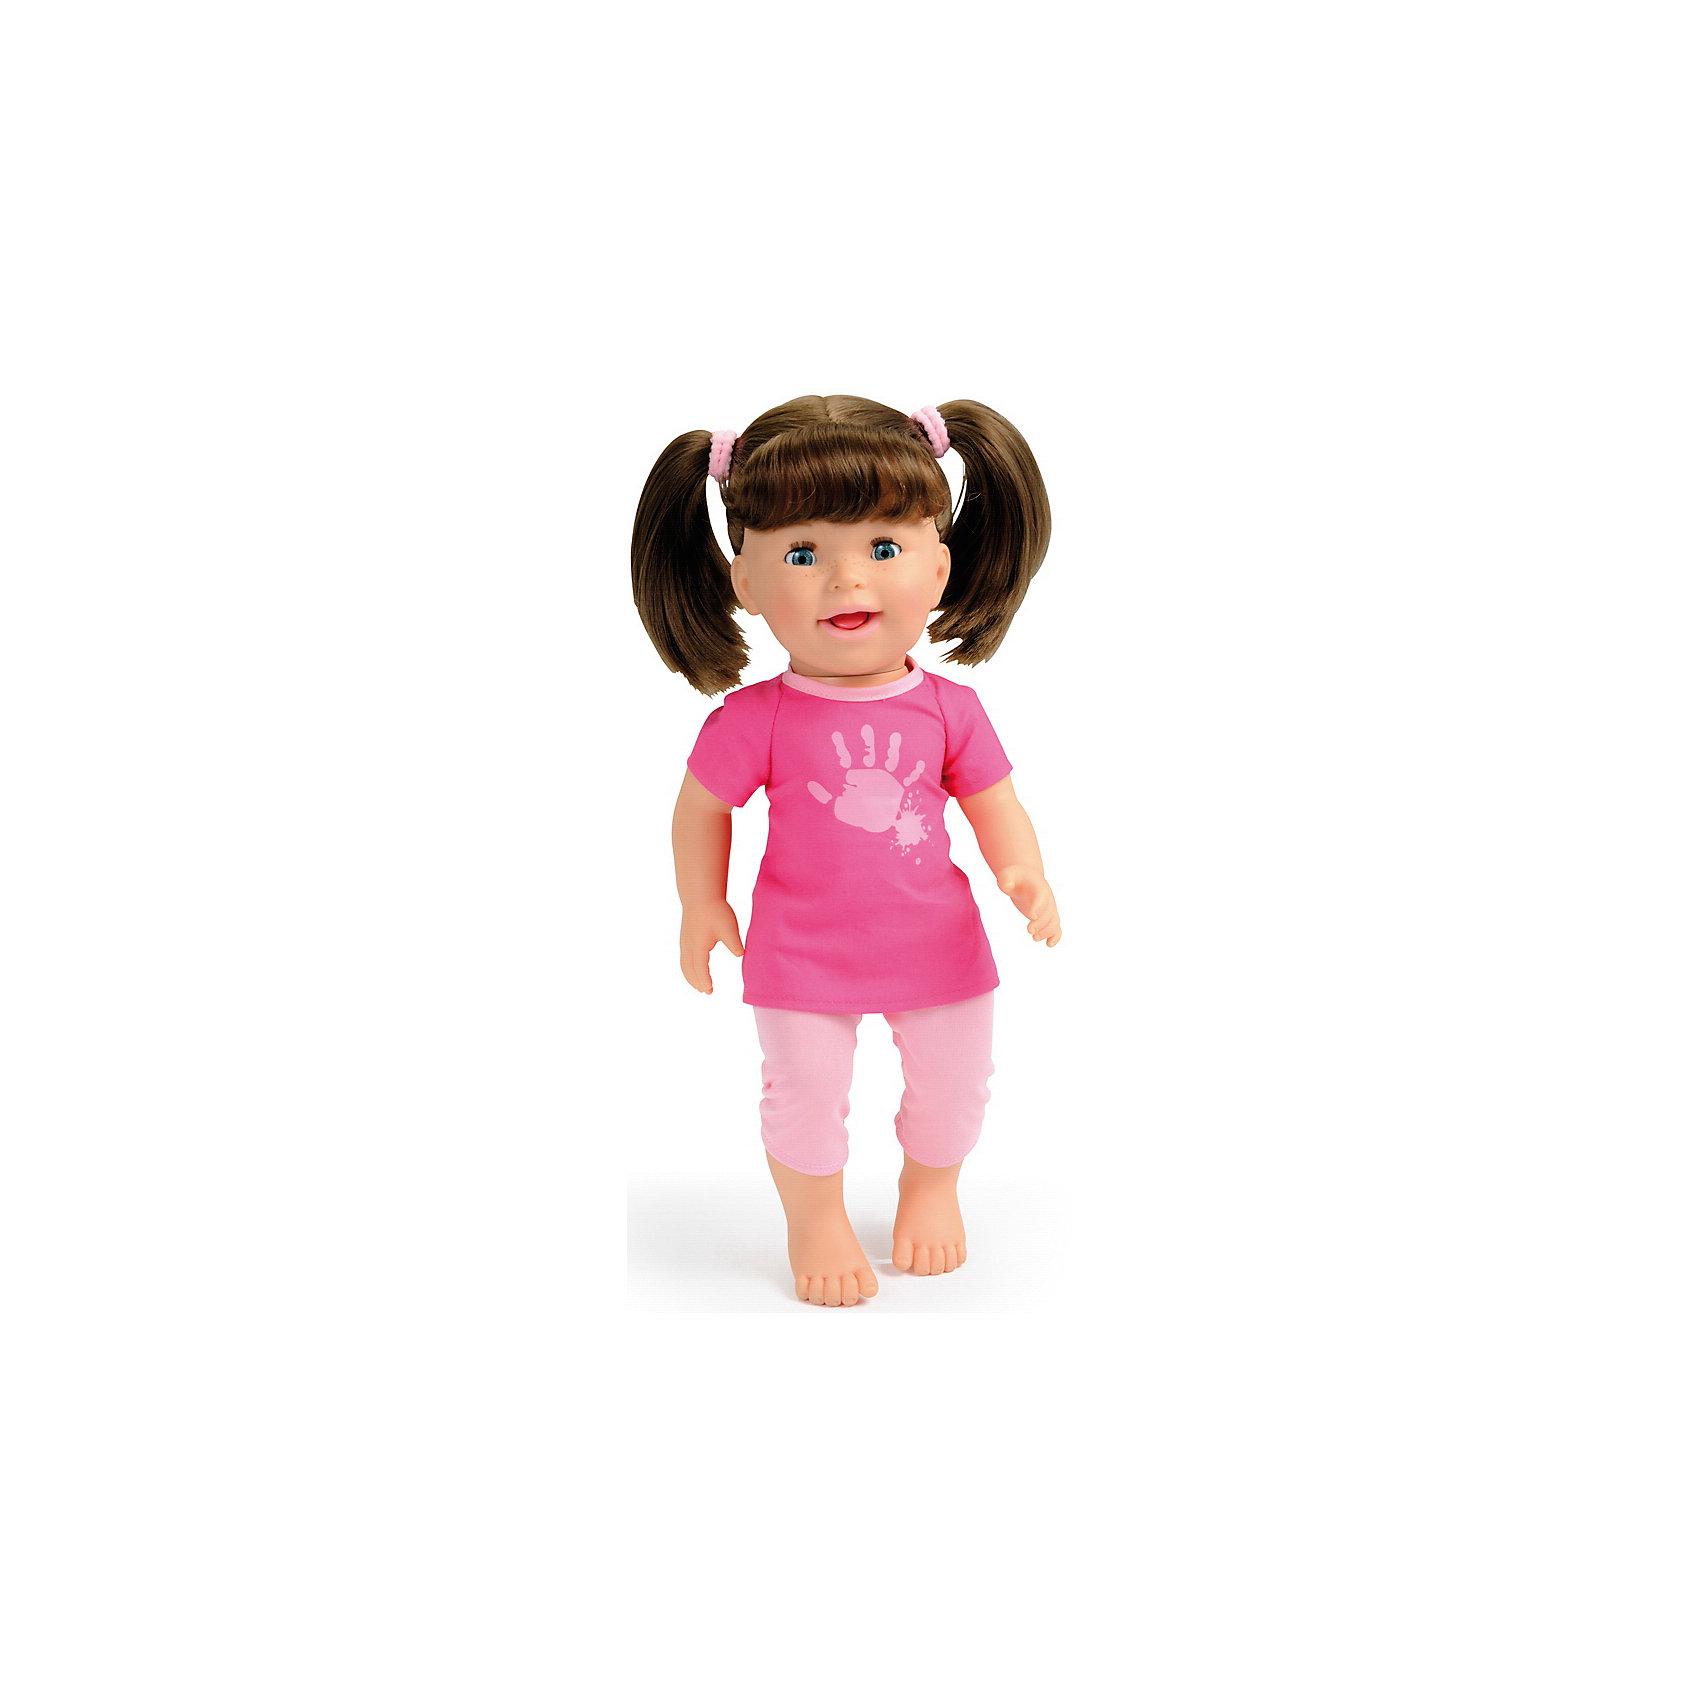 Кукла интерактивная Лили, 37 см, SmobyИнтерактивные куклы<br>Характеристики:<br><br>• высота куклы: 37 см;<br>• особенности куклы: показывает язычок, смеется, причмокивает во время еды;<br>• аксессуары для игры: ложечка, поильник, пирожное;<br>• материал: пластик, текстиль, нейлон;<br>• размер упаковки: 40х12х30 см;<br>• какие требуются батарейки: 3 шт. типа АА;<br>• батарейки в комплект не входят.<br><br>Кукла-хулиганка Лили – озорная девчушка с двумя хвостиками. Лили так заигрывается, что даже показывает всем язык. Во время еды издает причмокивающие звуки, с удовольствием кушает пирожные. Если куколку пощекотать, Лили будет хихикать.<br><br>Куклу интерактивную Лили, 37 см, Smoby можно купить в нашем магазине.<br><br>Ширина мм: 300<br>Глубина мм: 120<br>Высота мм: 400<br>Вес г: 1400<br>Возраст от месяцев: 12<br>Возраст до месяцев: 48<br>Пол: Женский<br>Возраст: Детский<br>SKU: 5258964